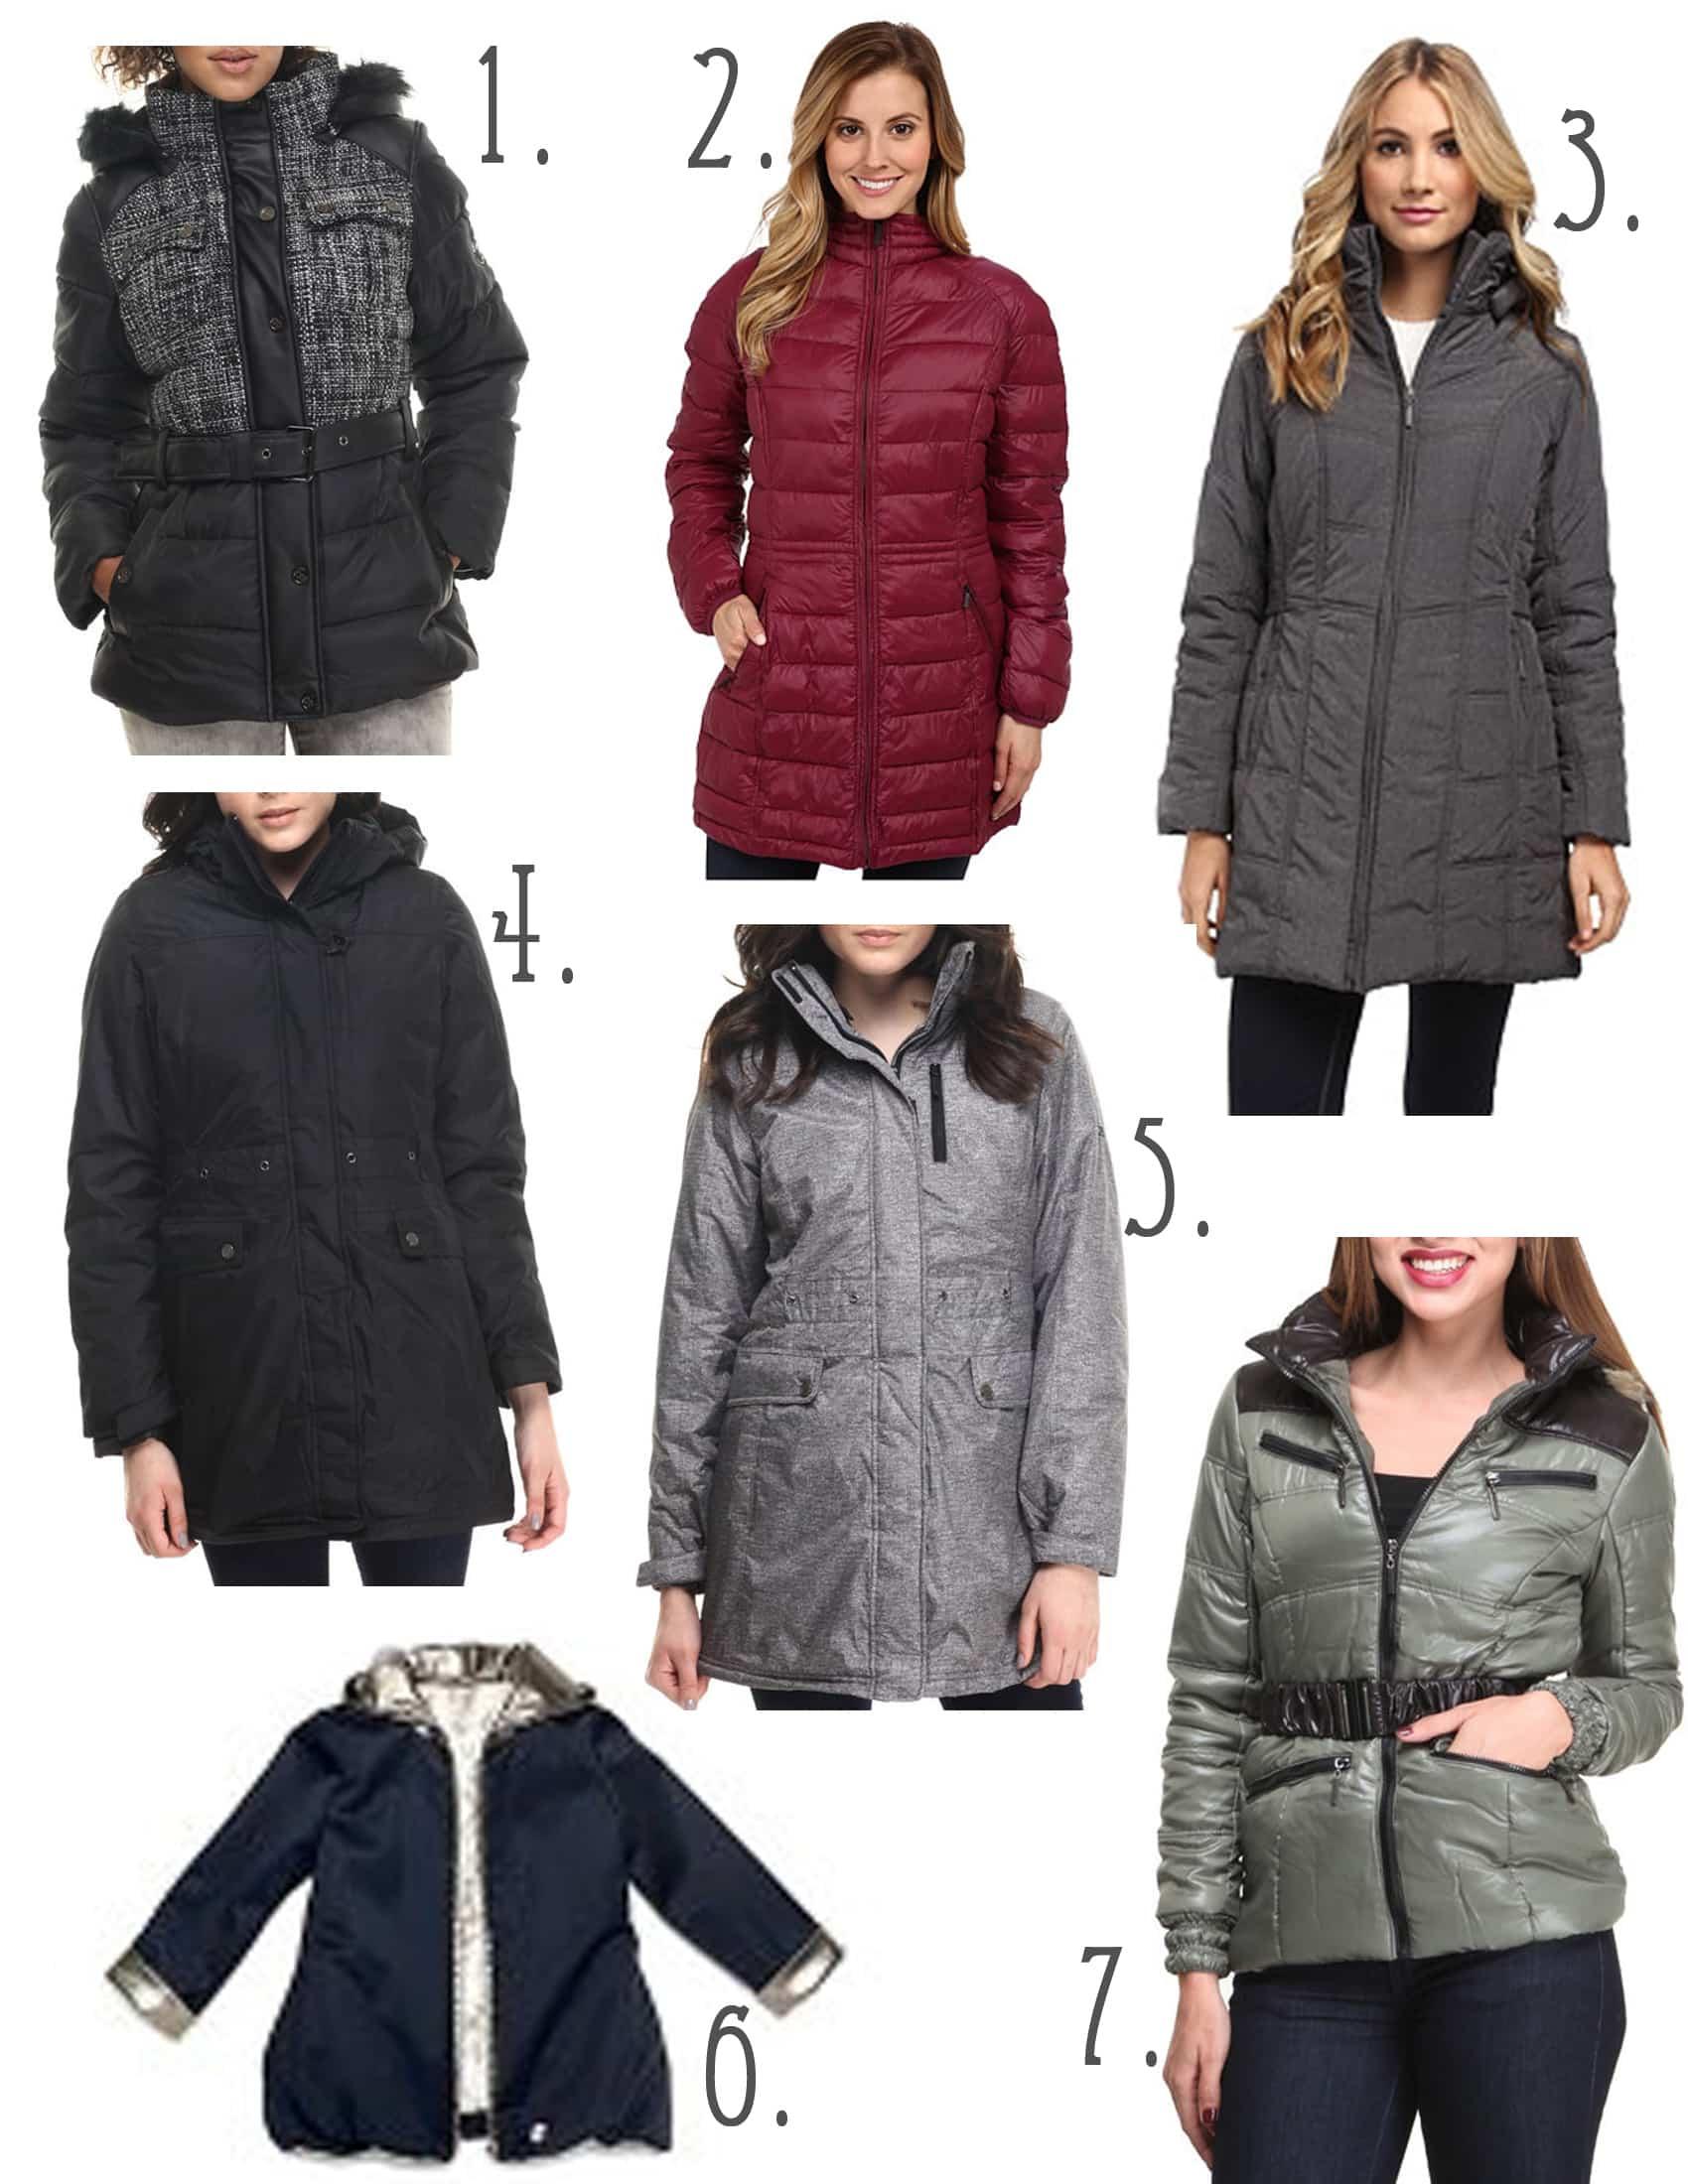 7 Stylish Bubble Jackets For Freezing Winter Days - Lady and the Blog 8c53673c3